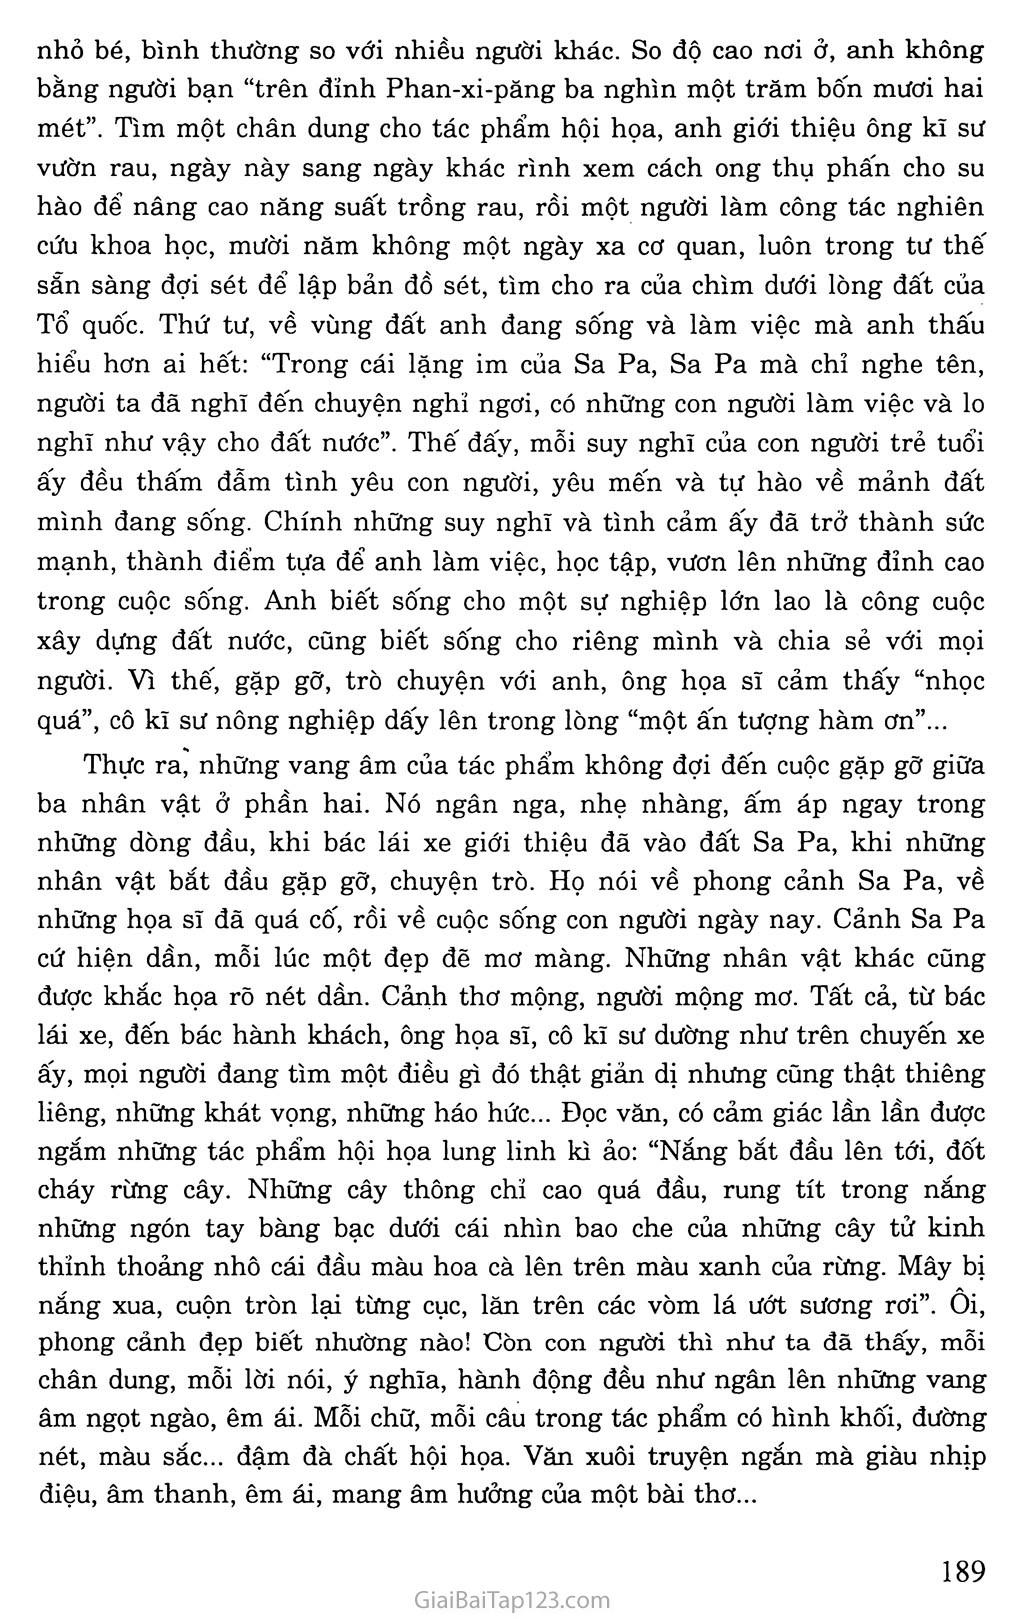 Lặng lẽ Sa Pa (trích) trang 8